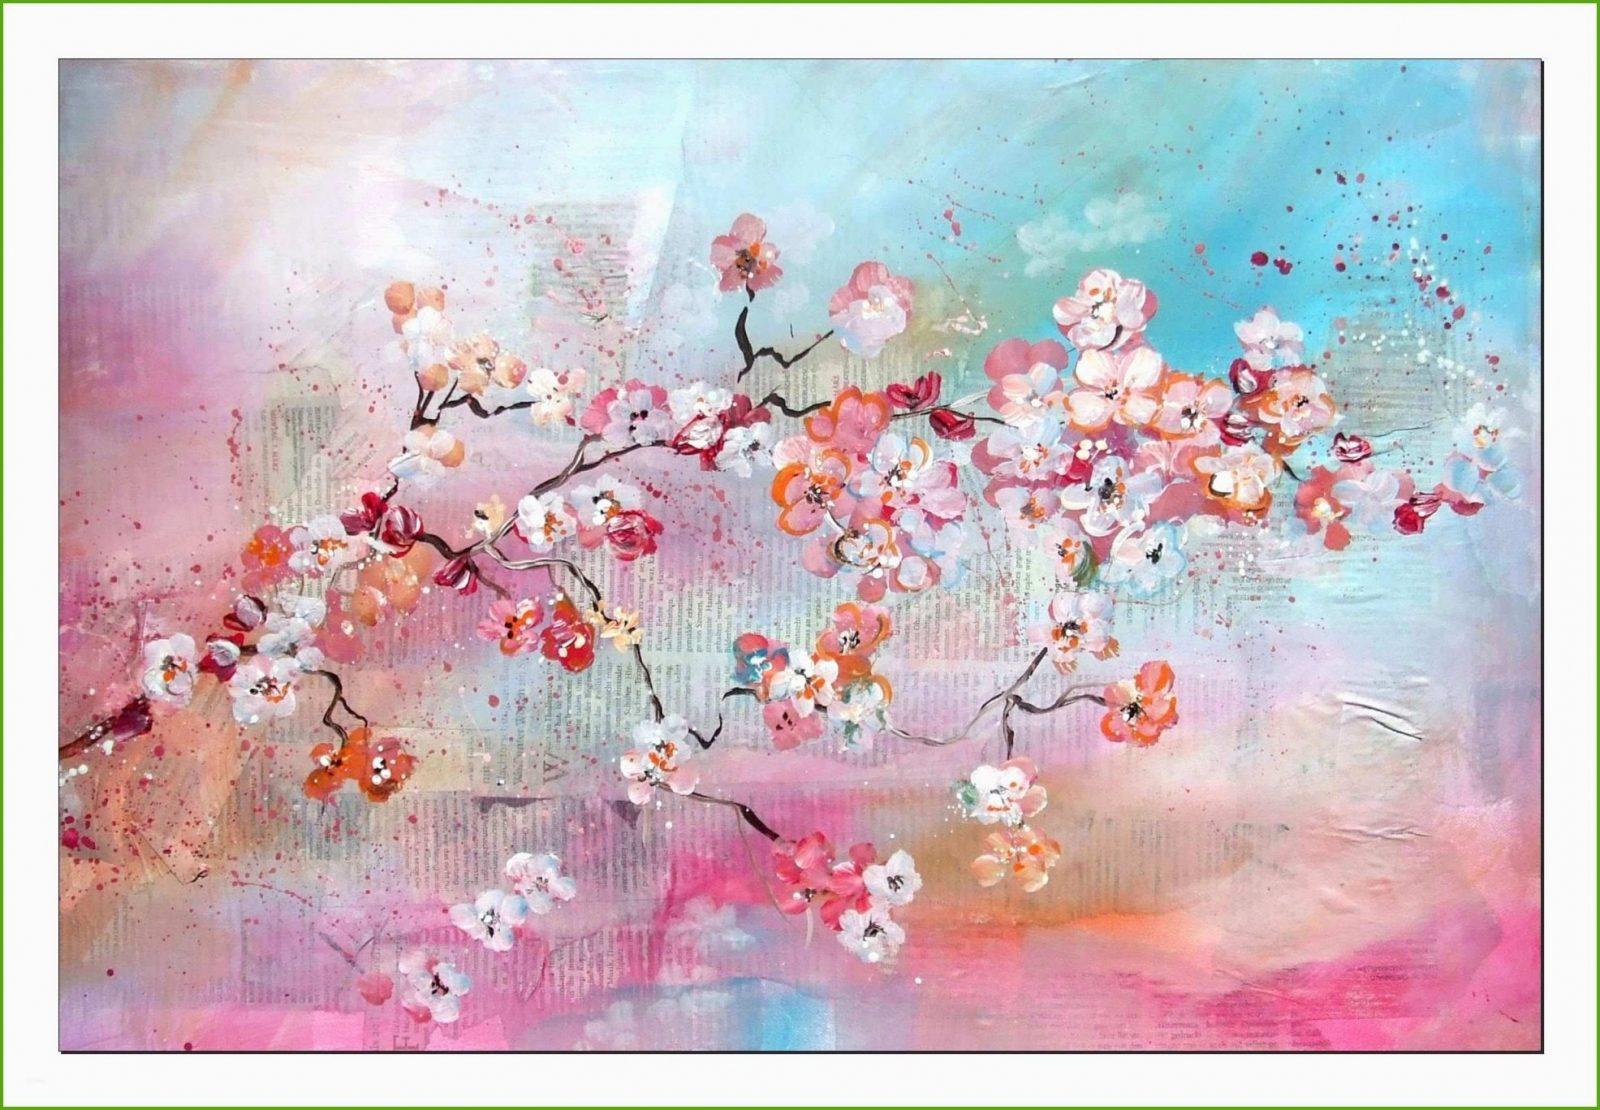 Bilder Selber Malen Mit Acryl Vorlagen 17 Ideen Nur Für Sie von Bilder Selber Malen Vorlagen Bild